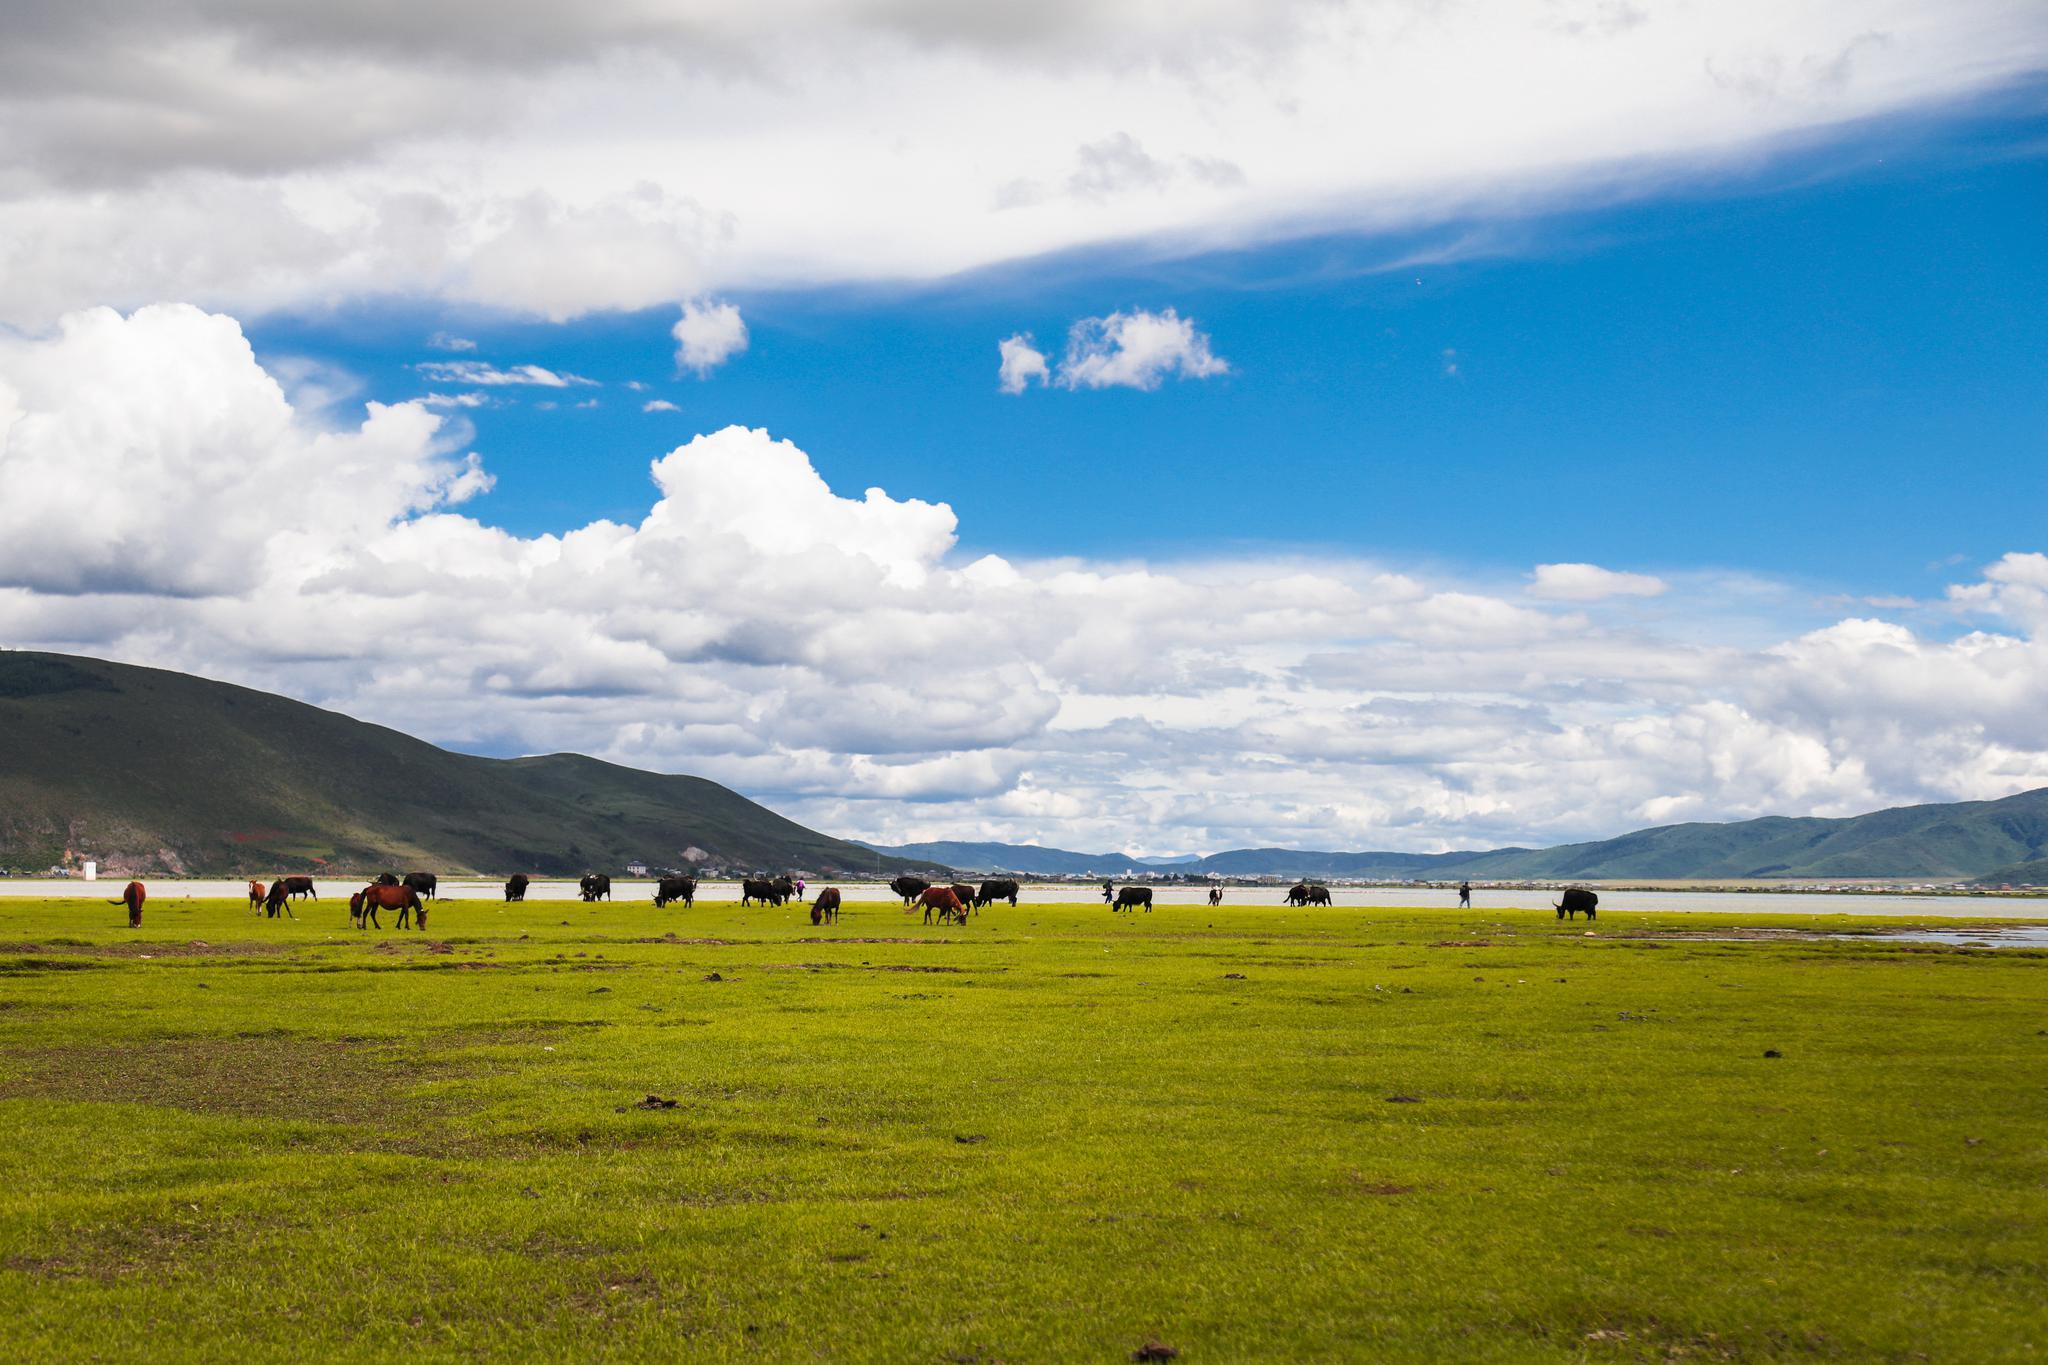 湖边有许多牛、马